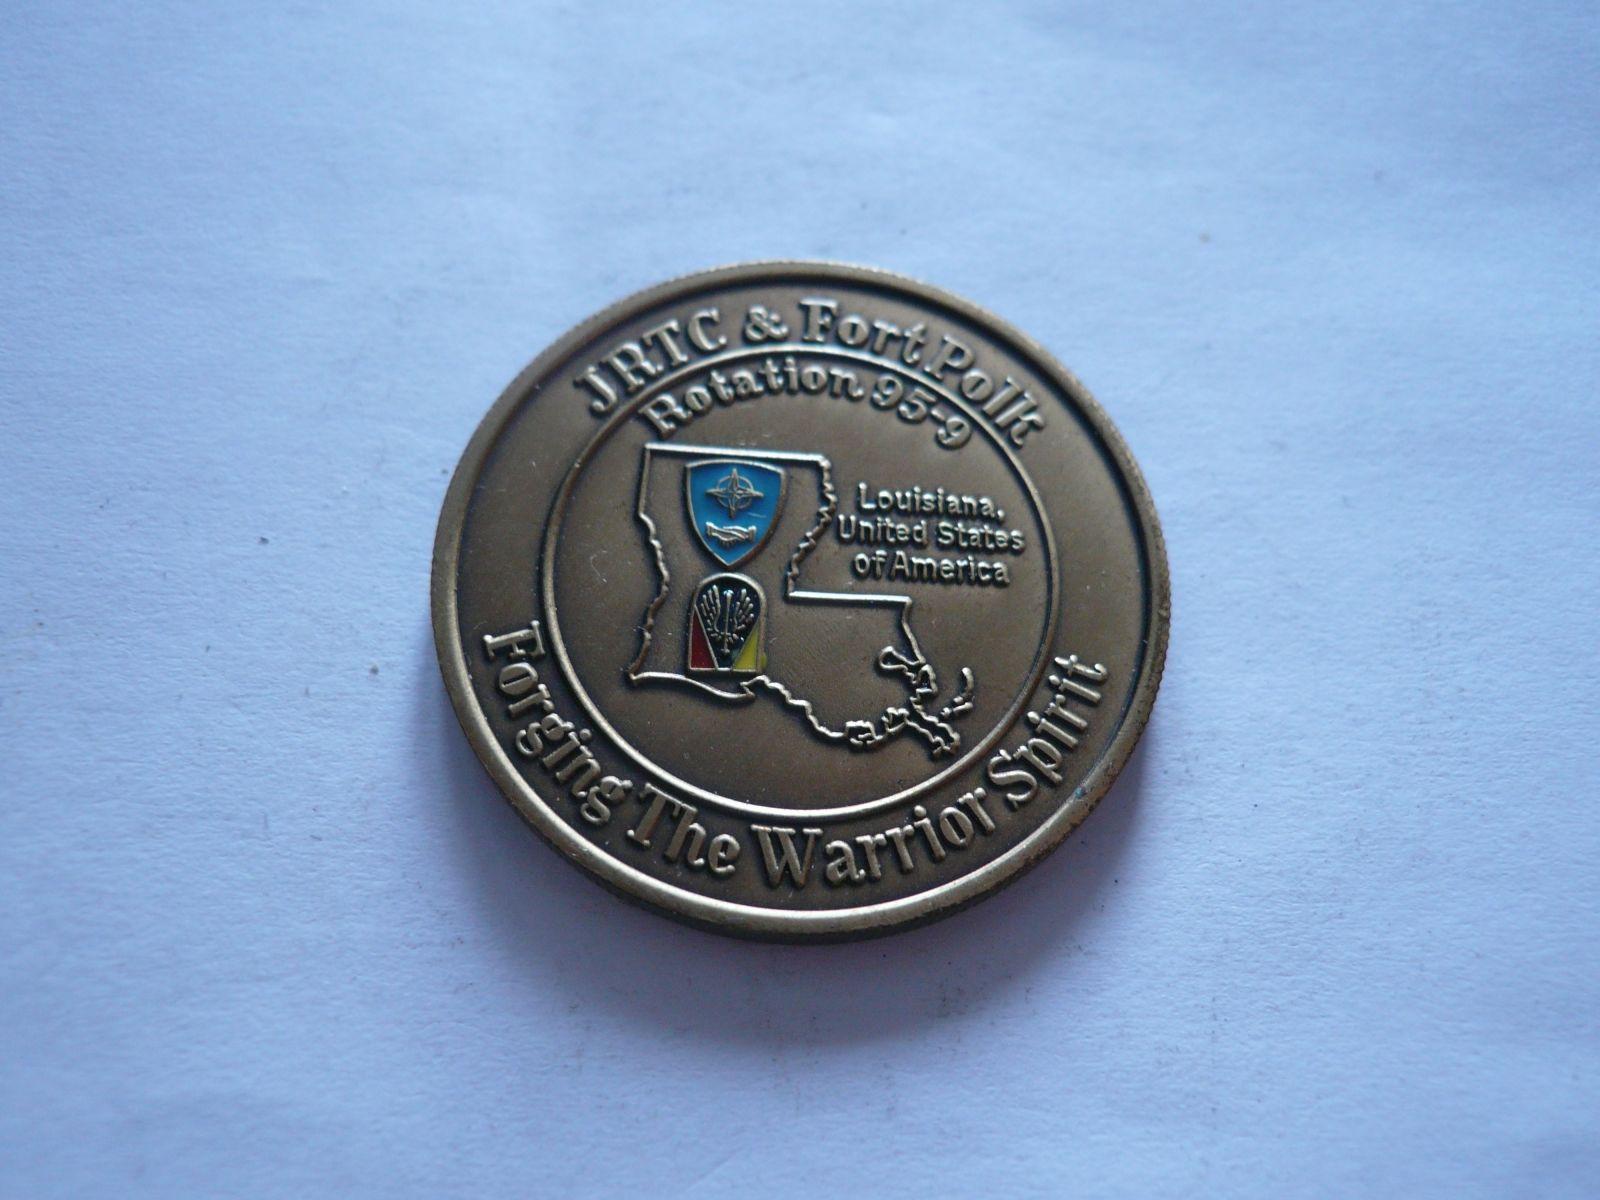 na vojenské partnerství, bronzová medaile, USA